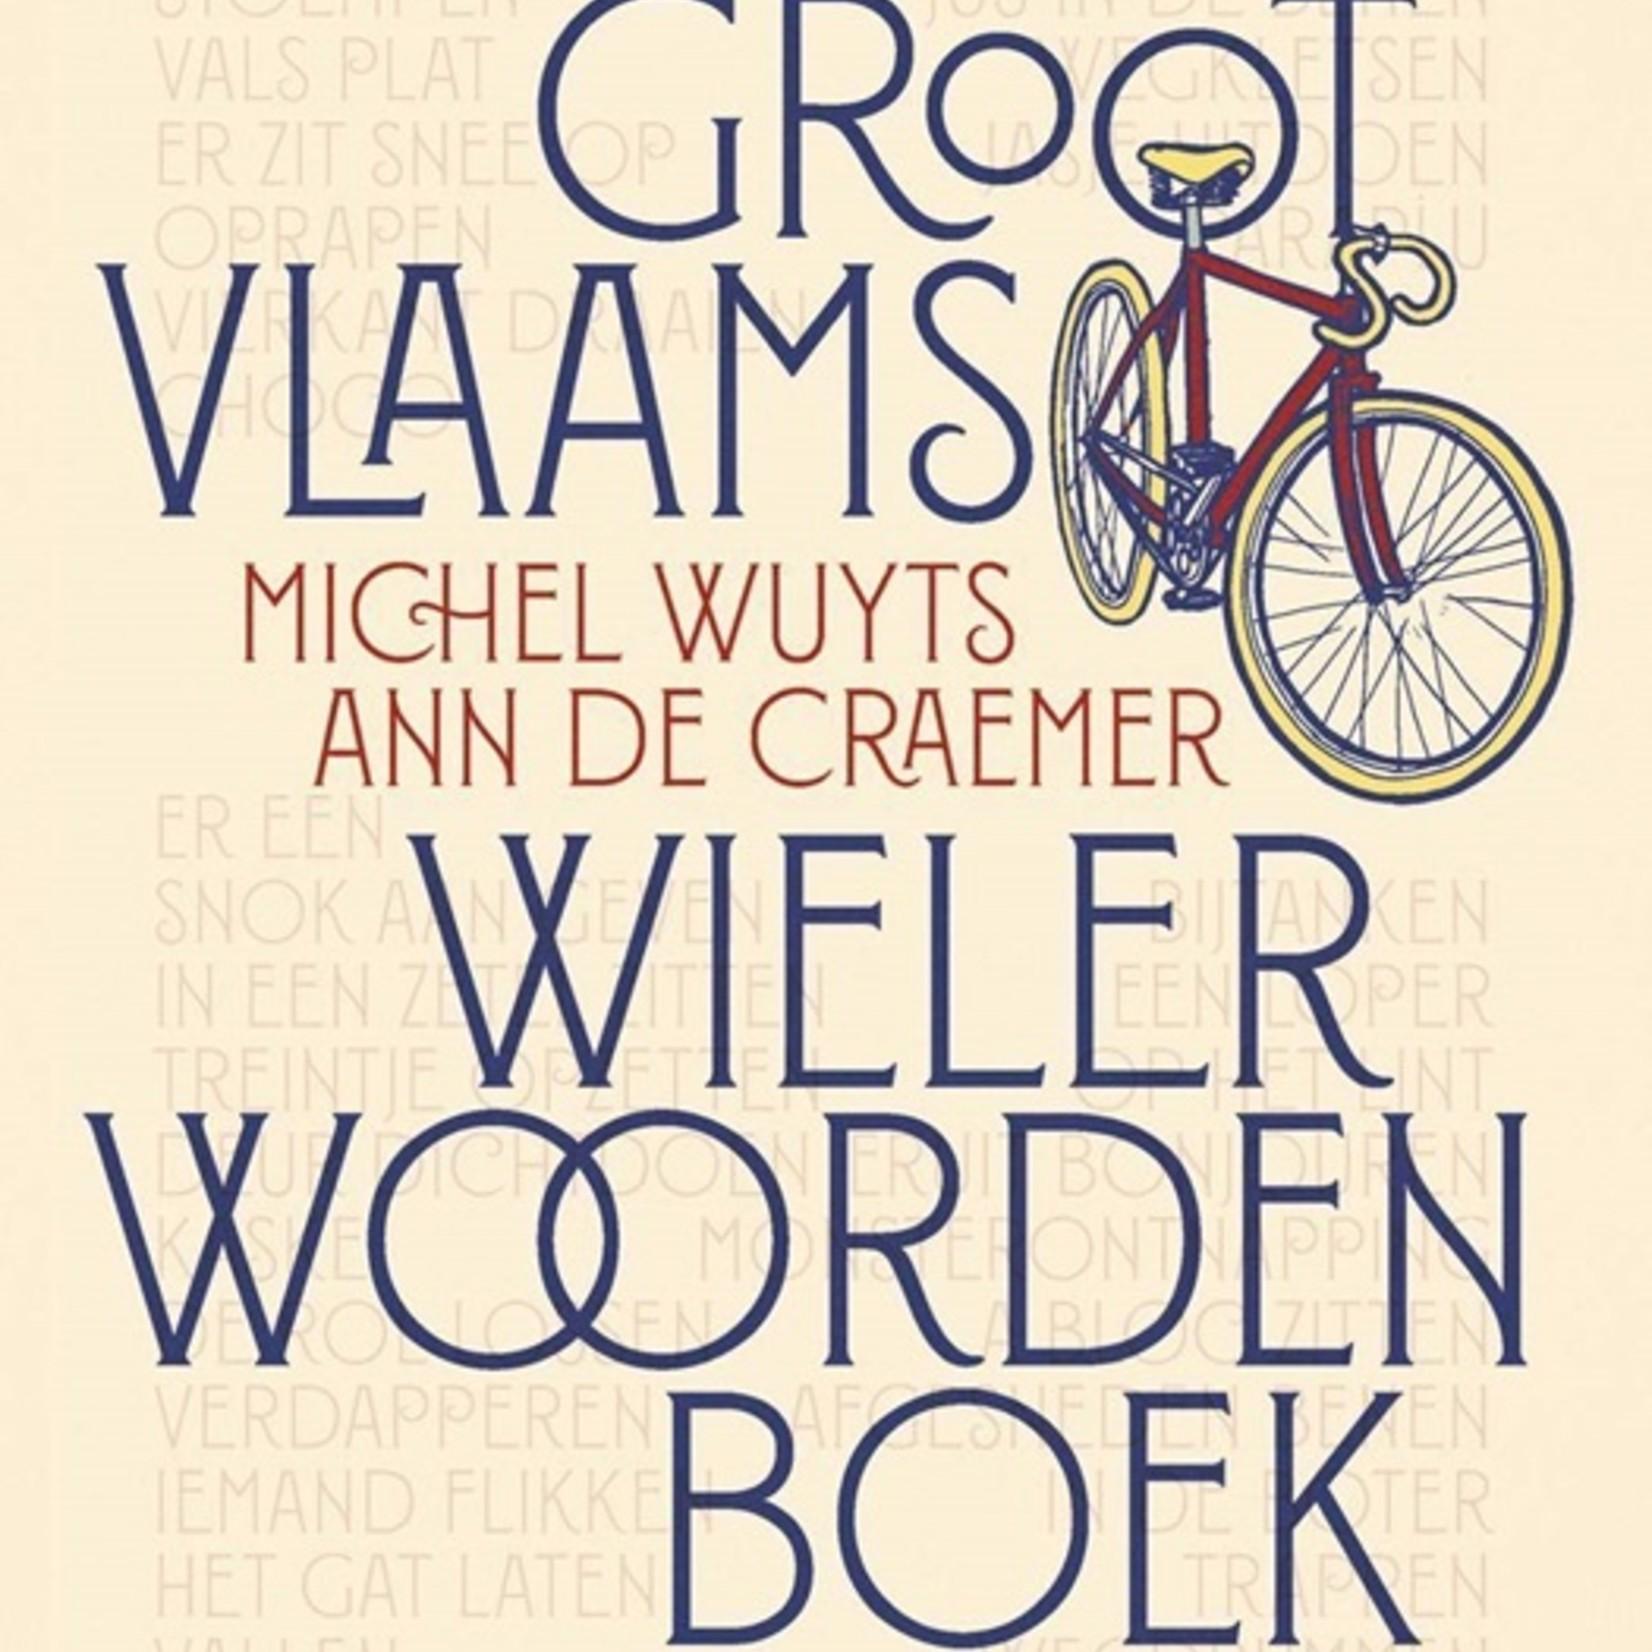 Book 'Groot vlaams wielerwoordenboek'